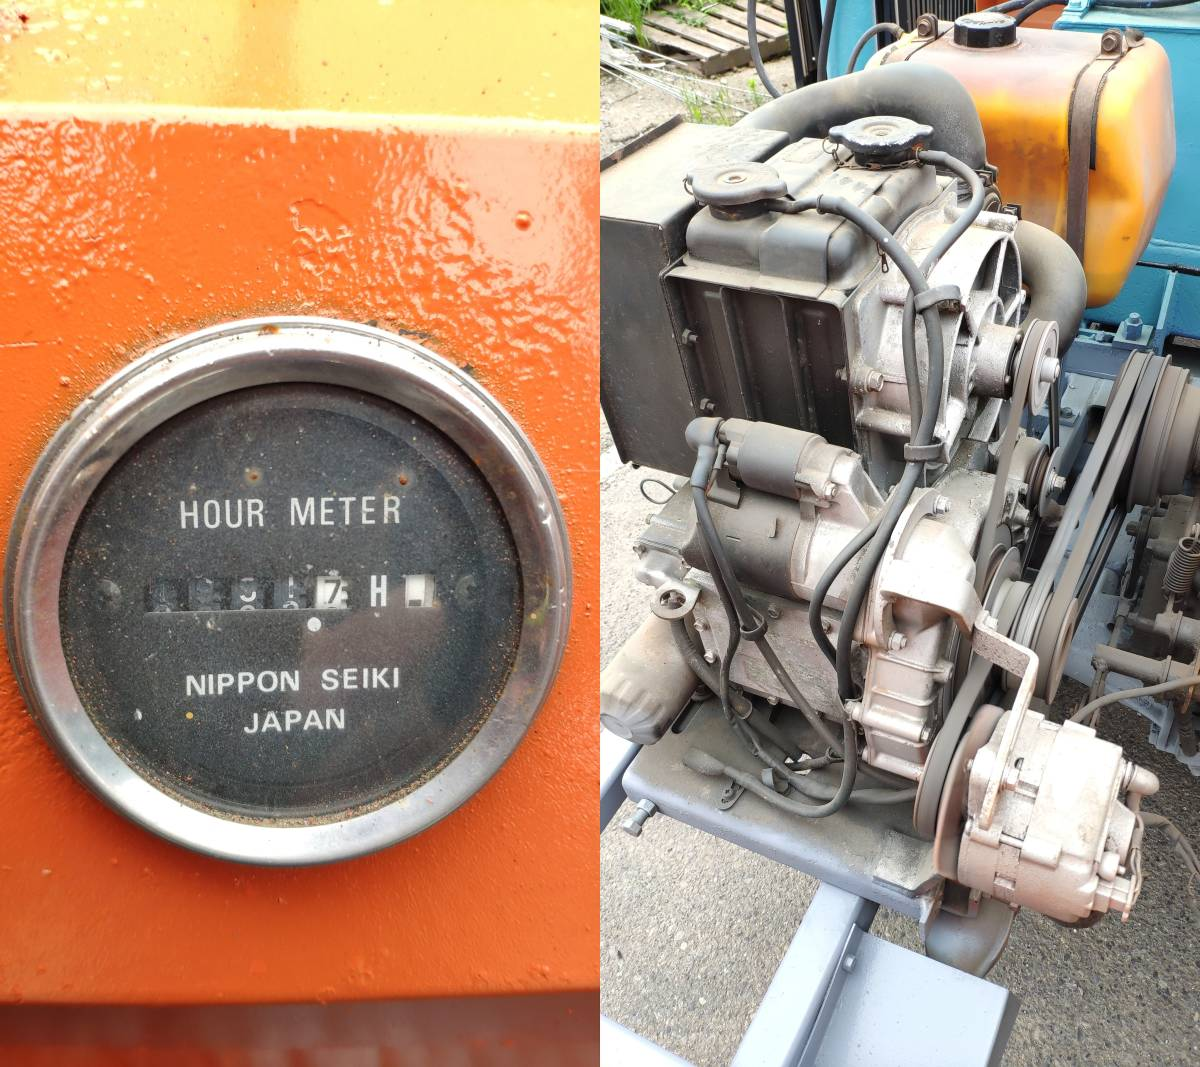 実働品!クボタ RC-20P77 クレーン付油圧ダンプ 乗用運搬車 タダノ TM-10RCD 約1トン吊 アウトリガ付 ユニック ディーゼルエンジン セル付_画像7